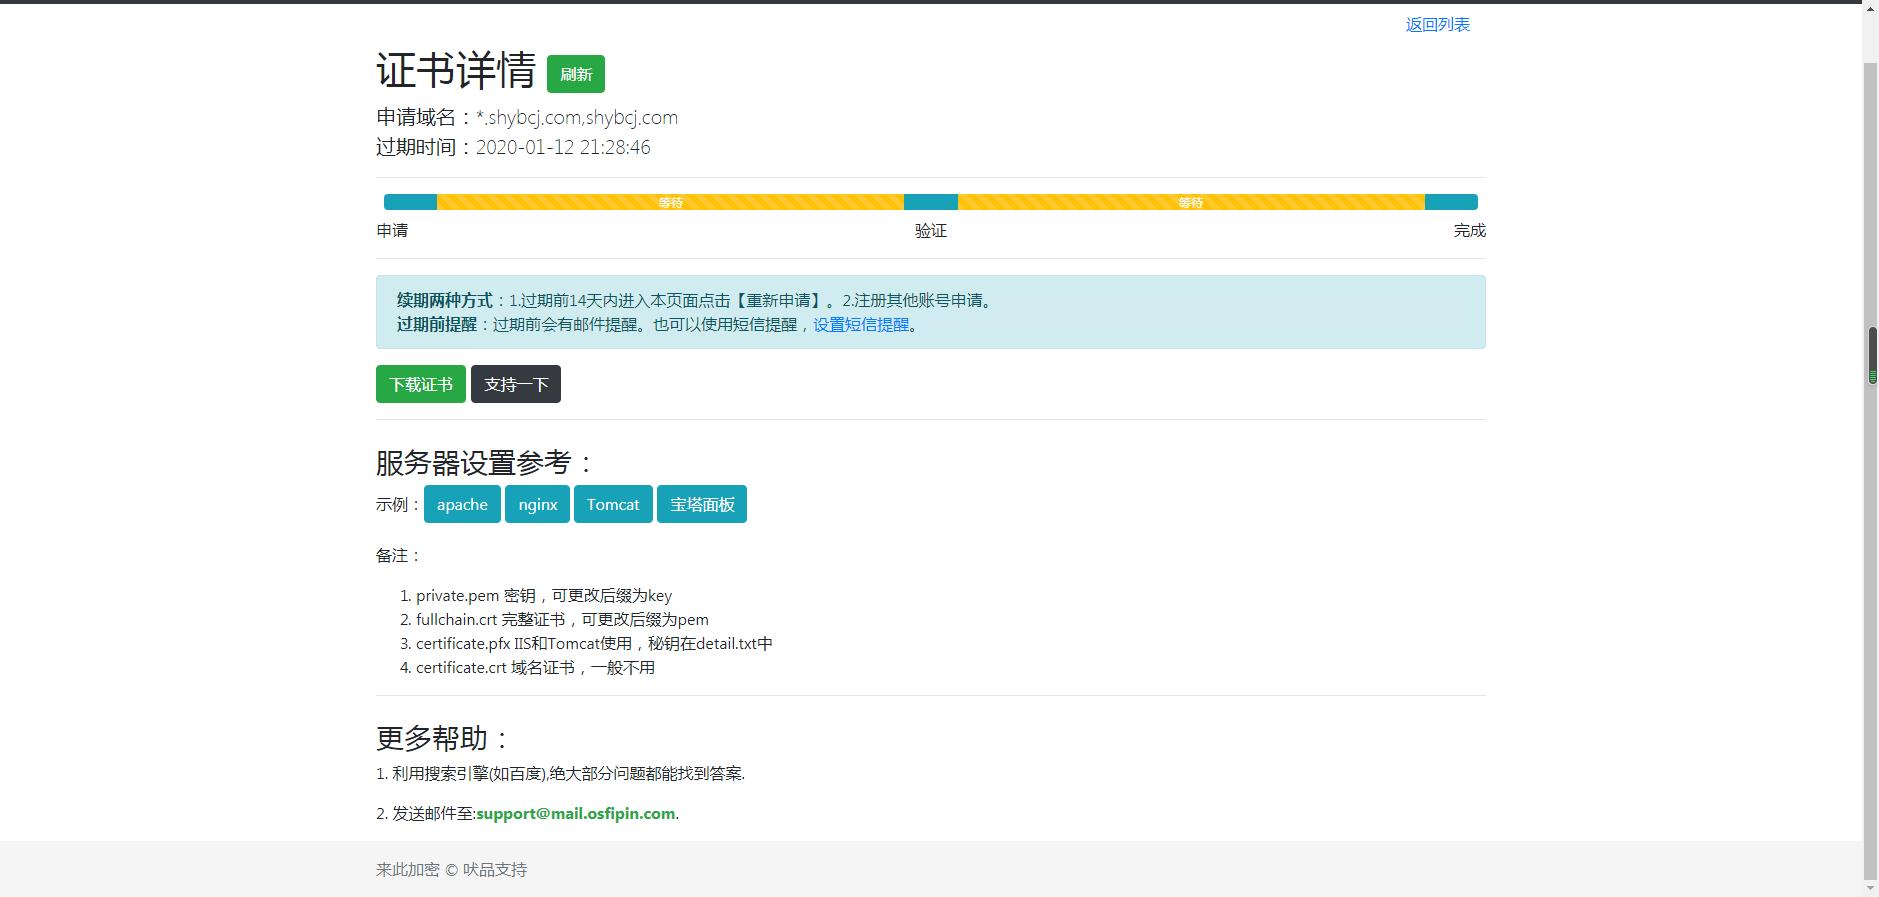 免费通配符证书/免费SSL泛域名证书(Let's Encrypt)在线申请和续期方法 第7张